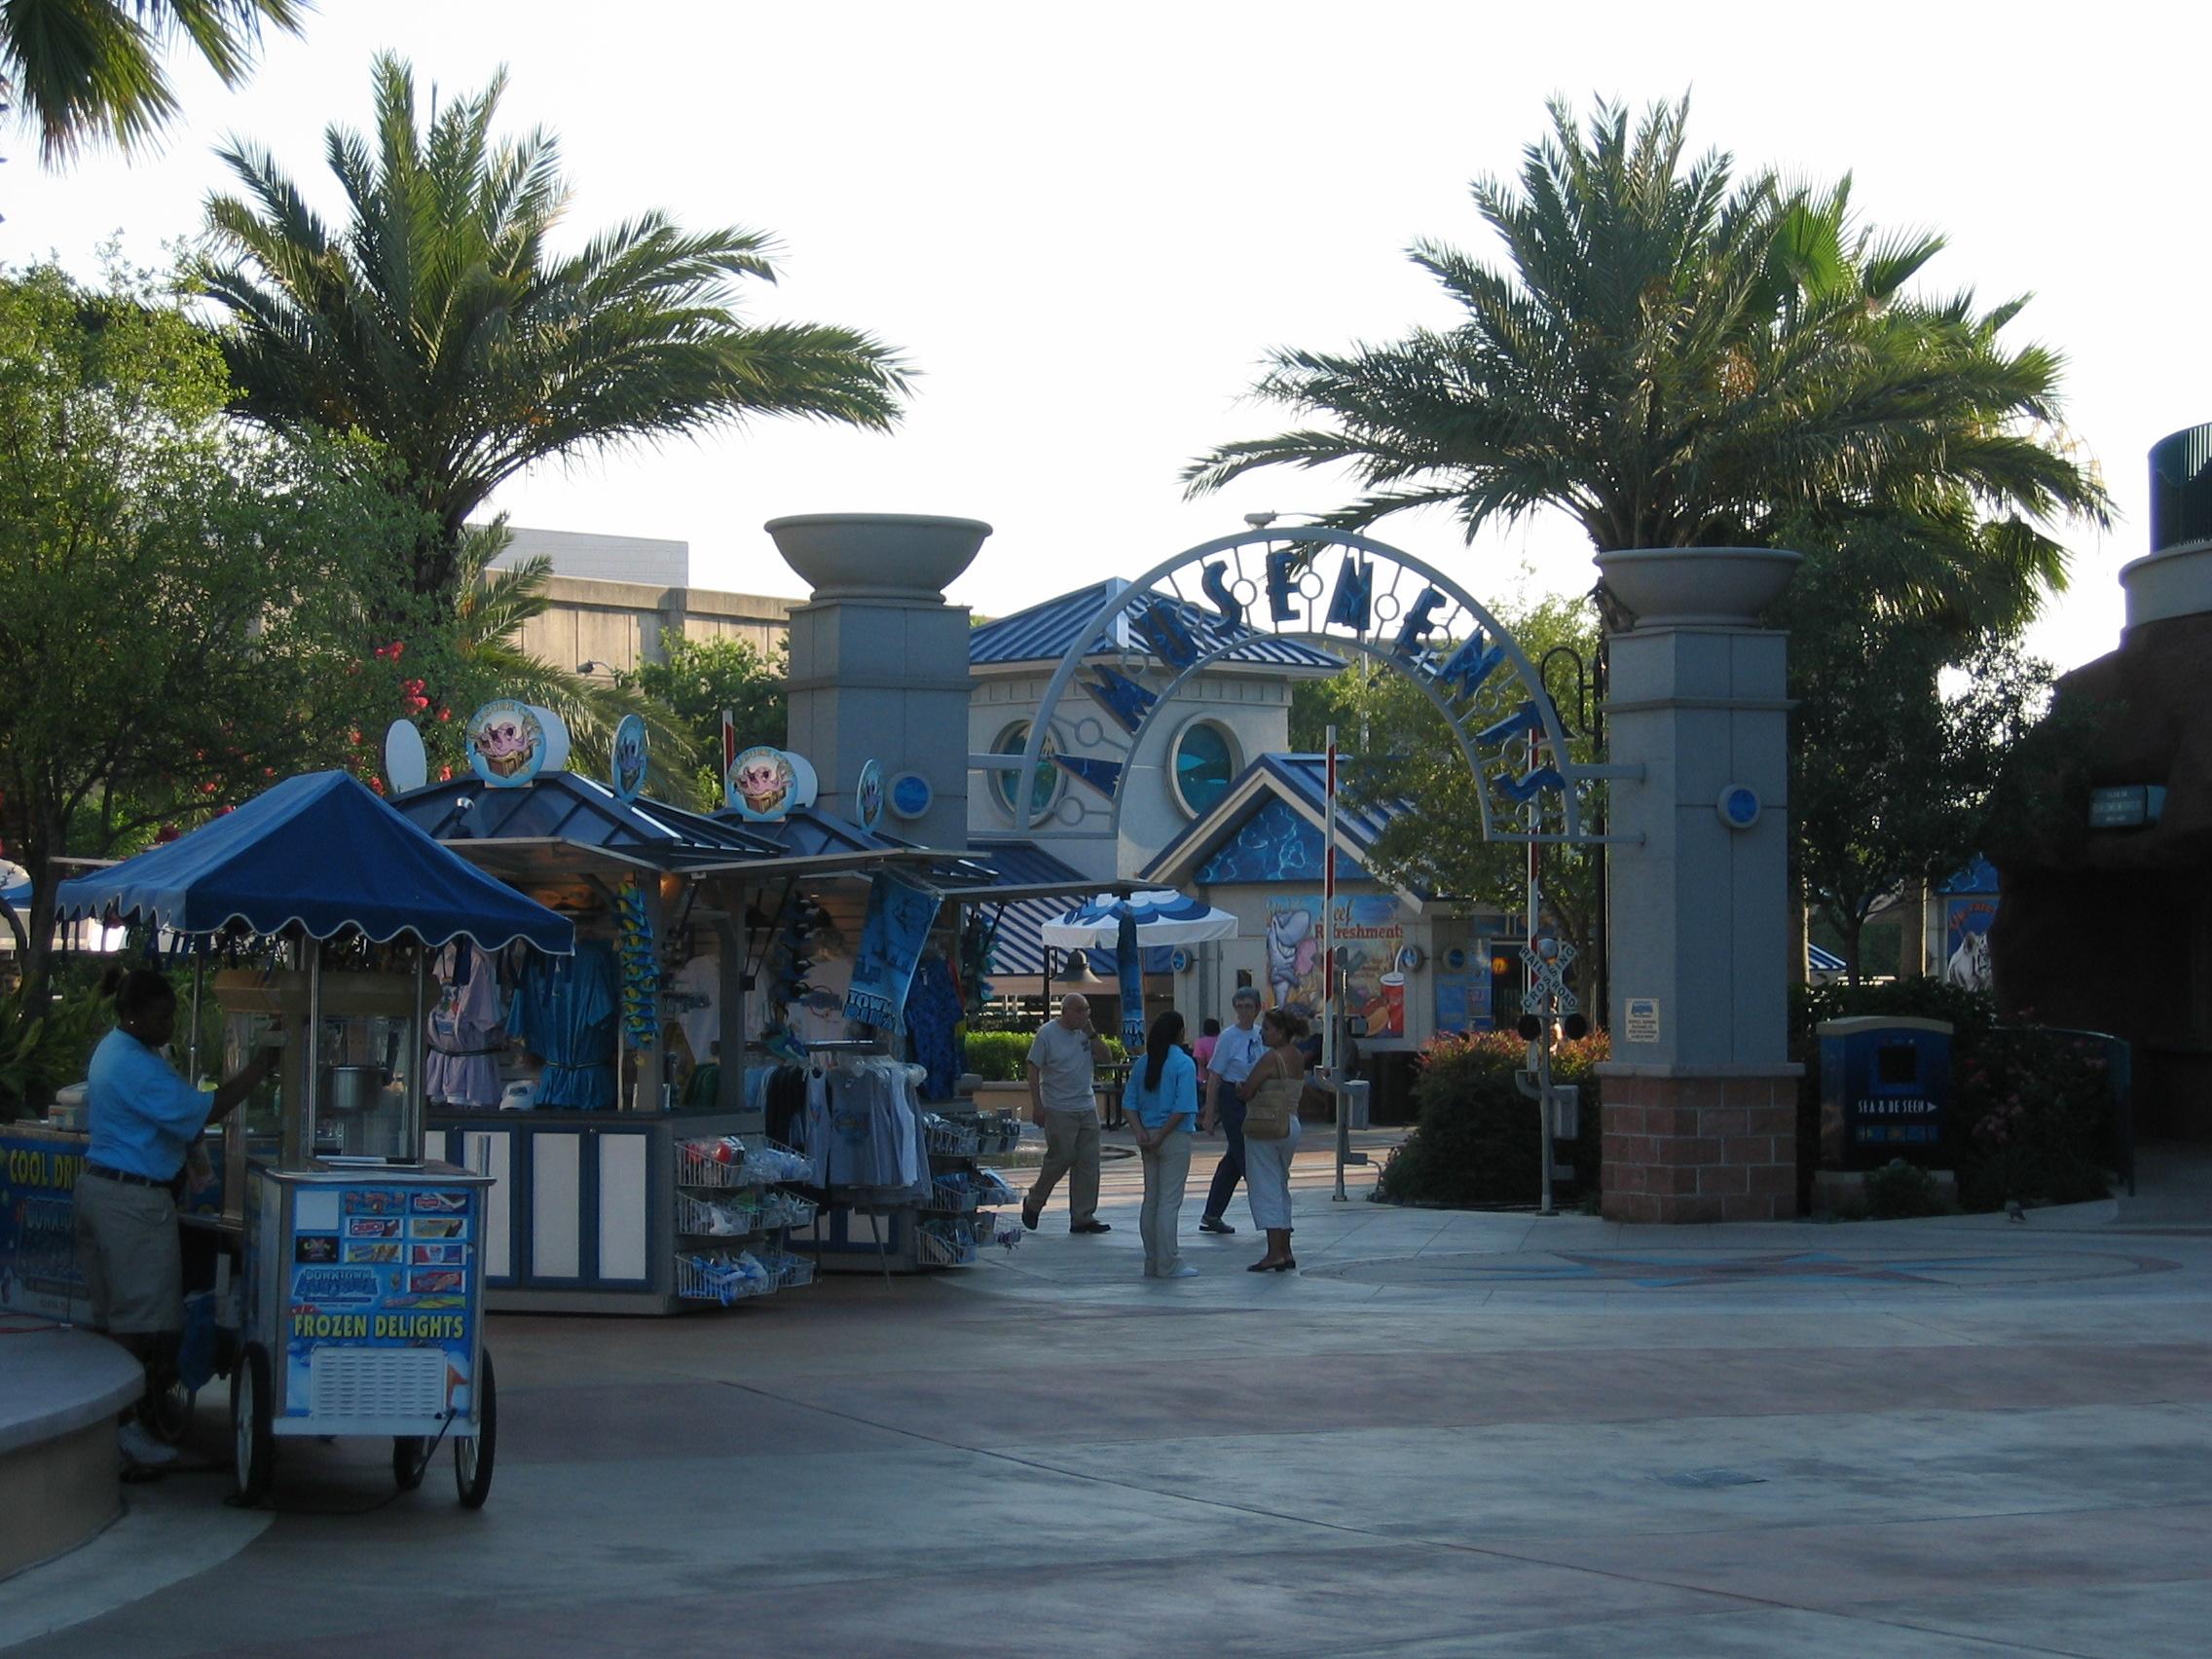 Image Aquarium Restaurant Amusement Park